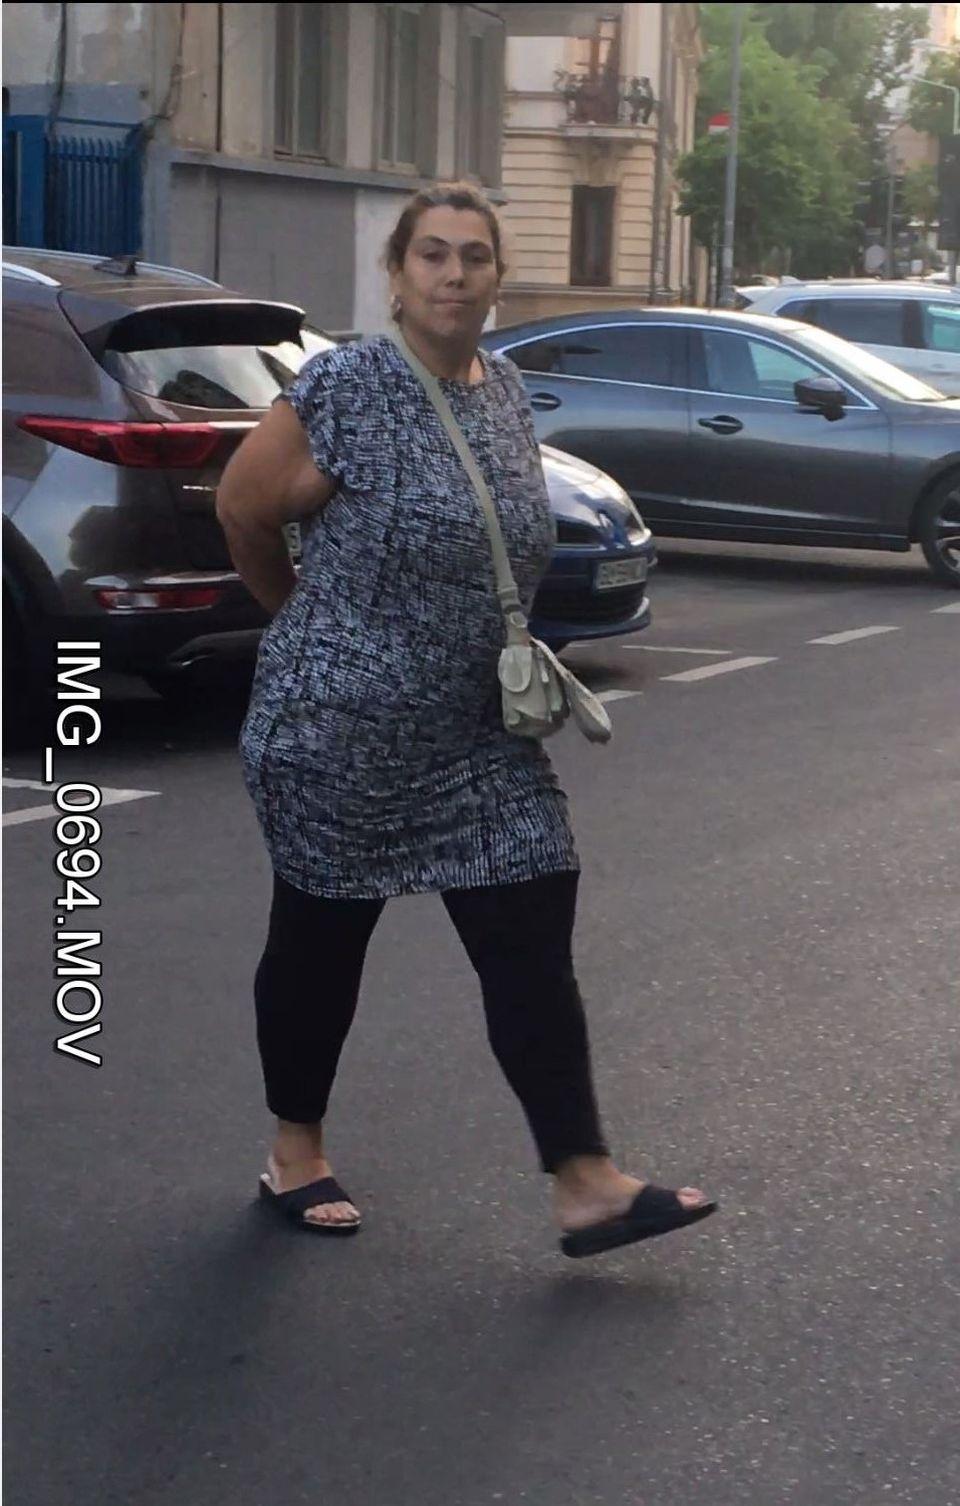 Cele mai noi imagini cu Ioana Tufaru! A slăbit 75 de kilograme! Vezi ce urmări neplăcute a avut slăbitul brusc! FOTO EXCLUSIV